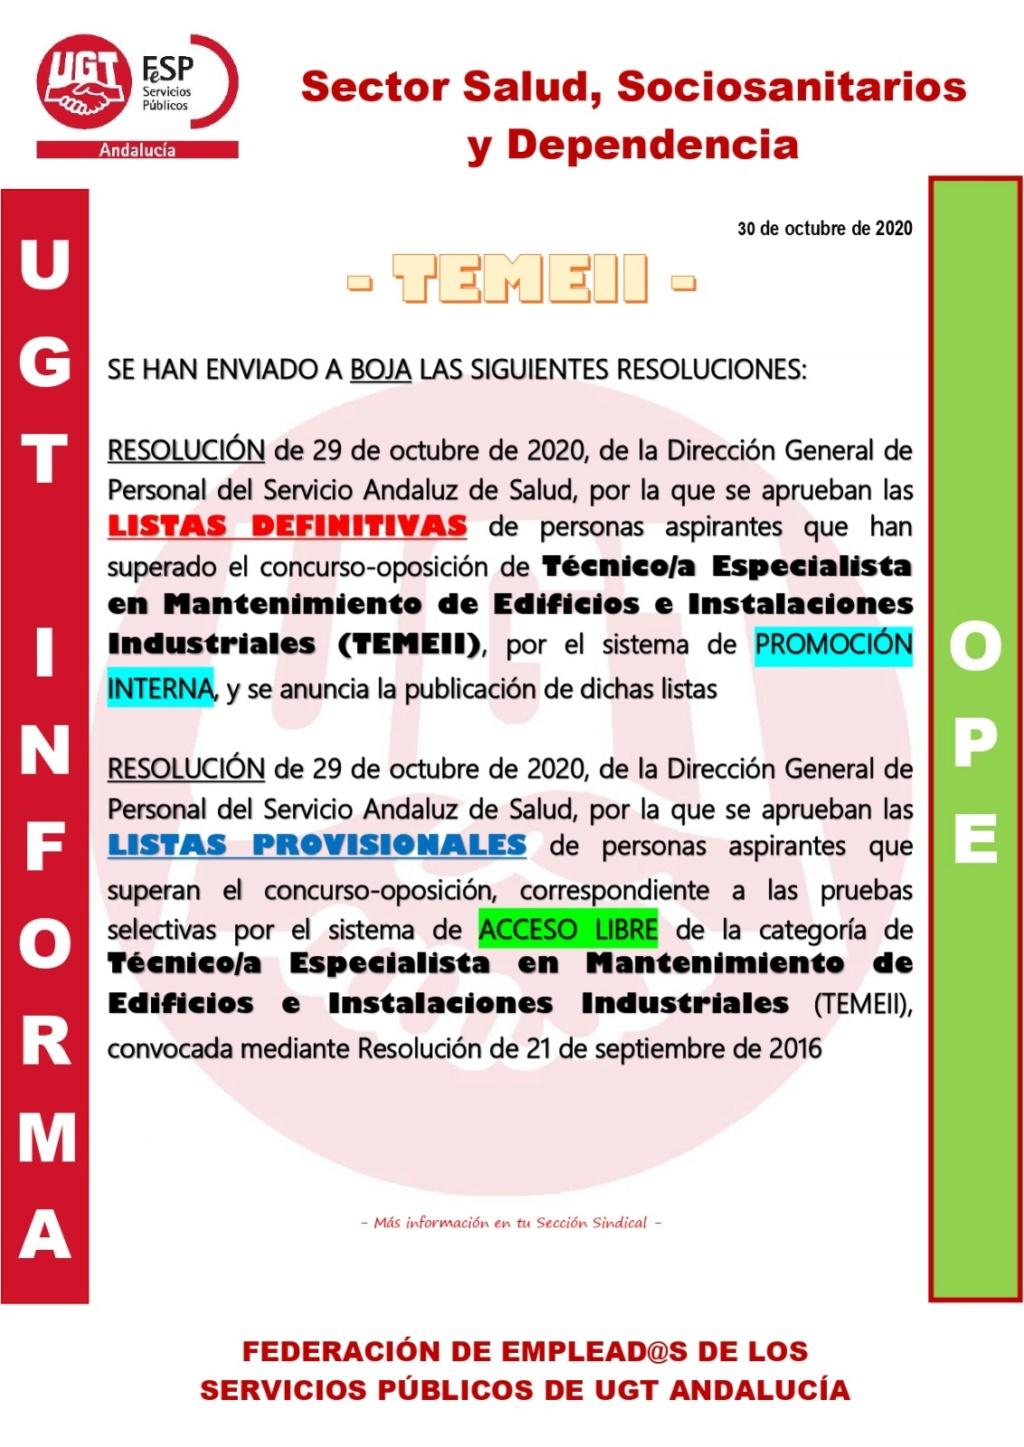 Examen TEMEII 28 de Octubre - Página 15 D375b510